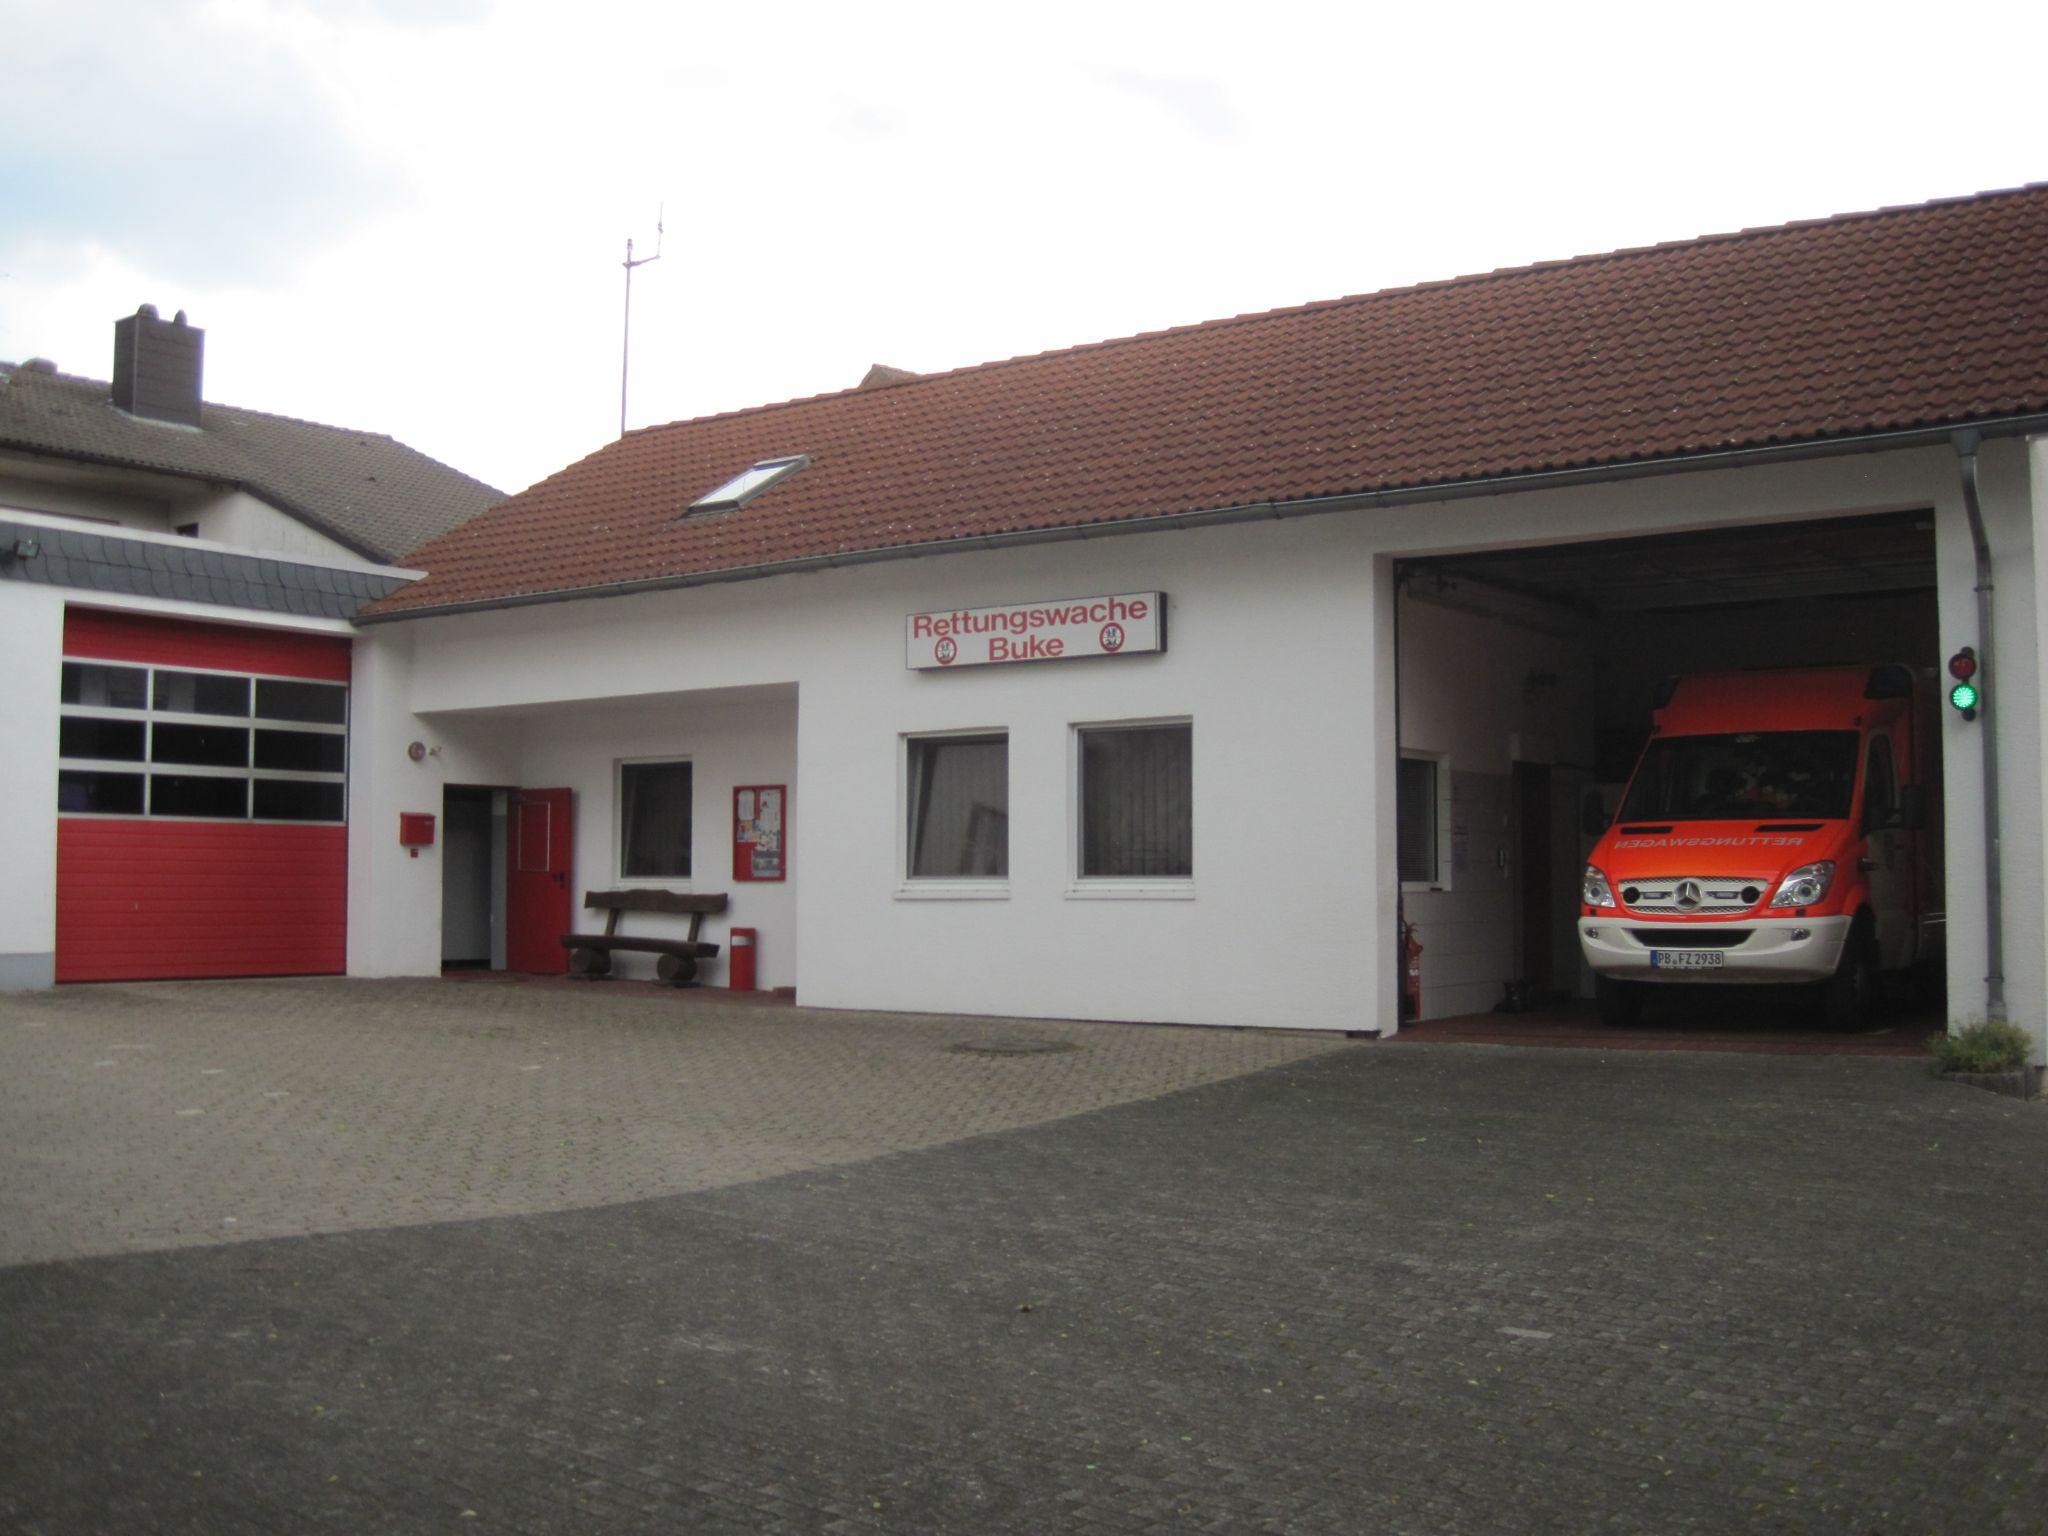 Links befindet sich die Garage für die Drehleiter. Rechts im Bild: Rettungswache Buke des Kreises Paderborn